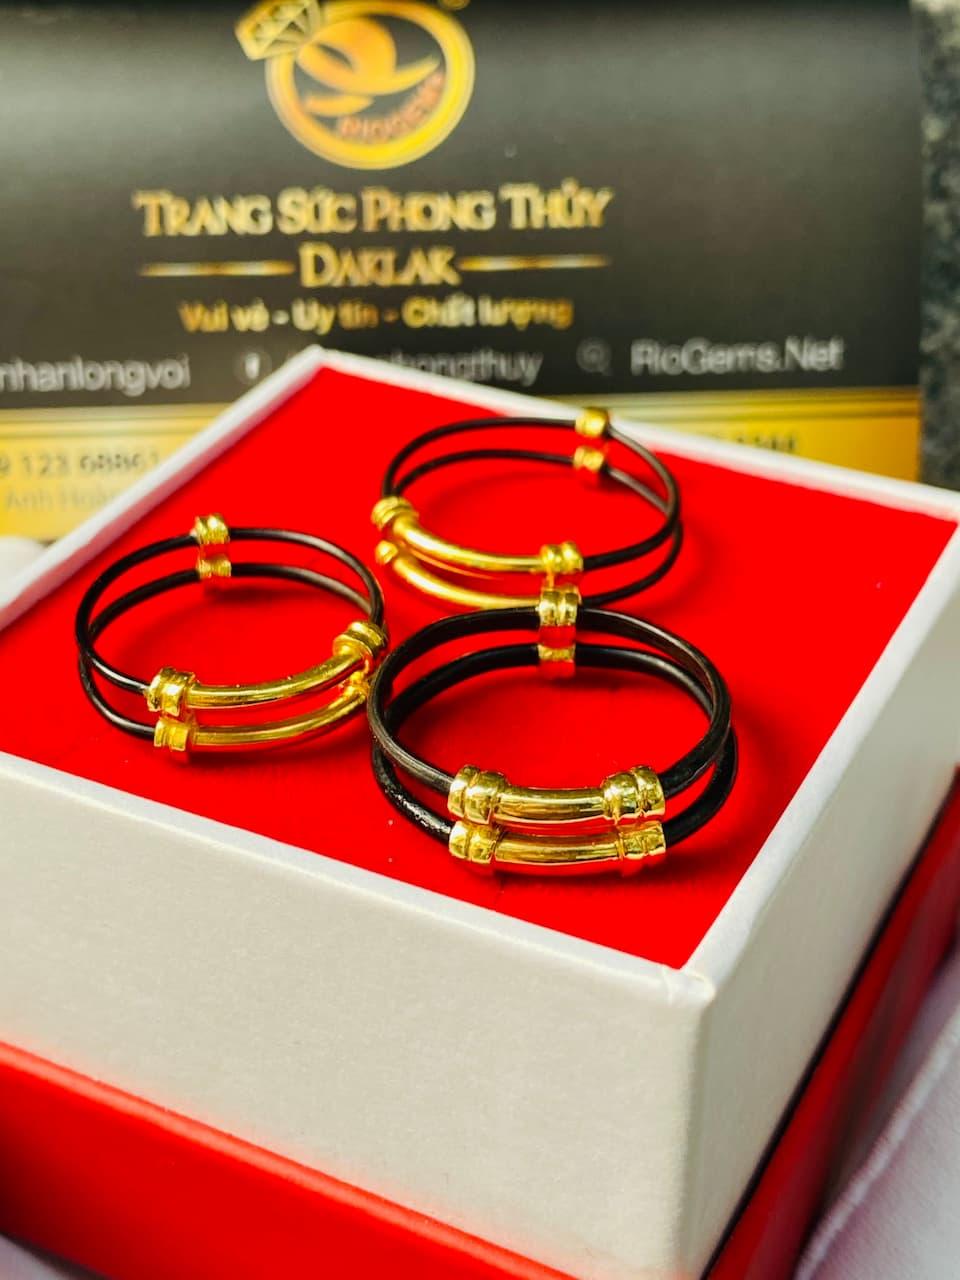 Nhan doi long voi Dan toc boc vang 3